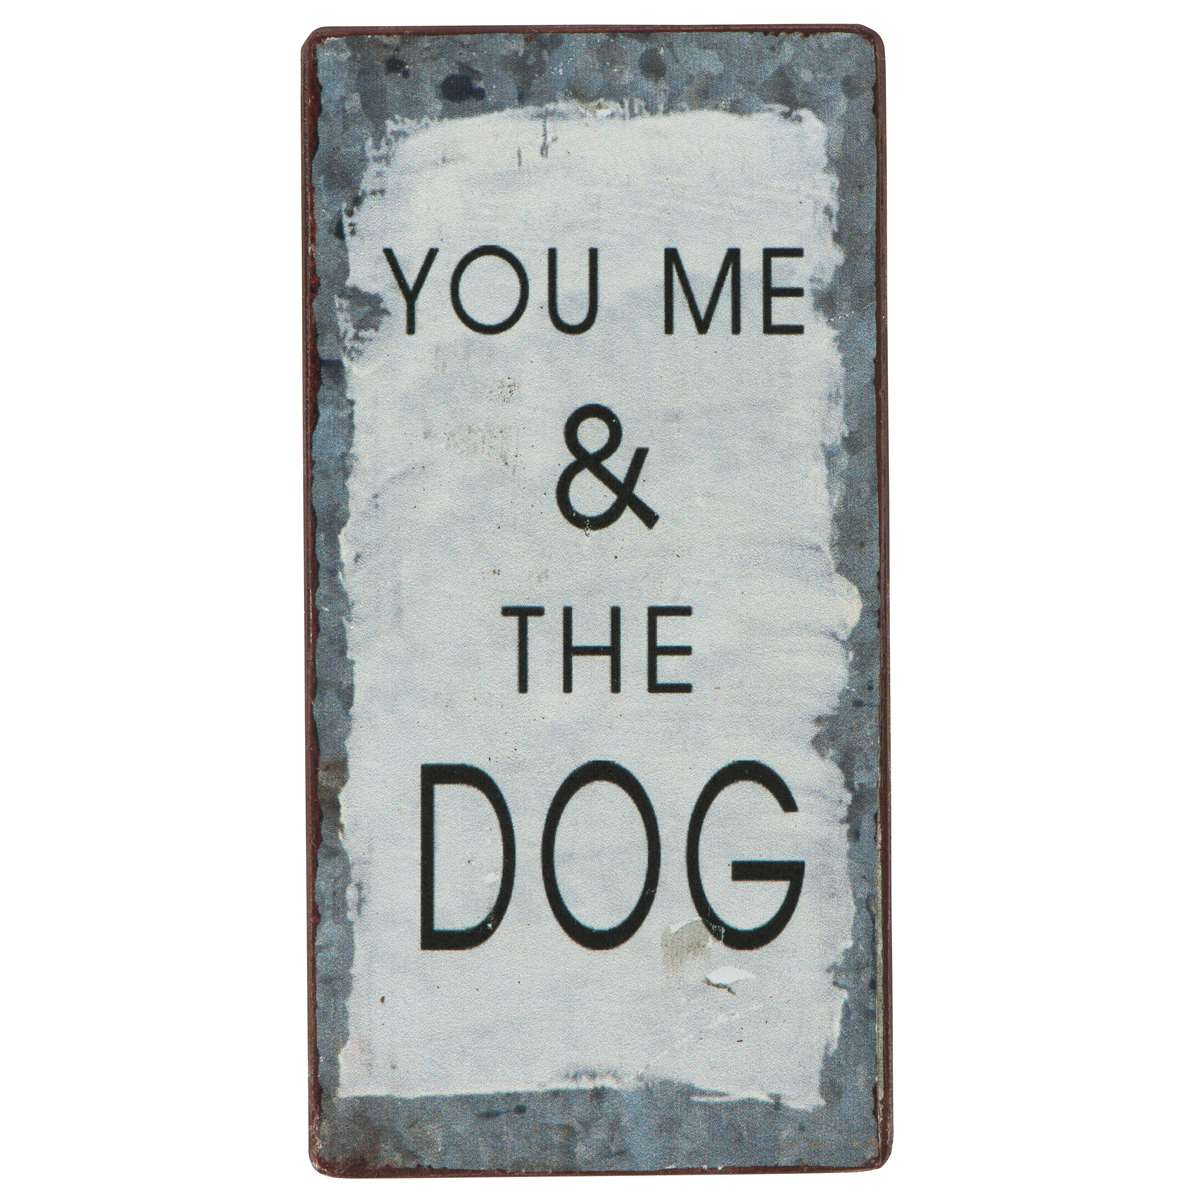 Witzigschilder - Magnet You me the dog - Onlineshop Tante Emmer